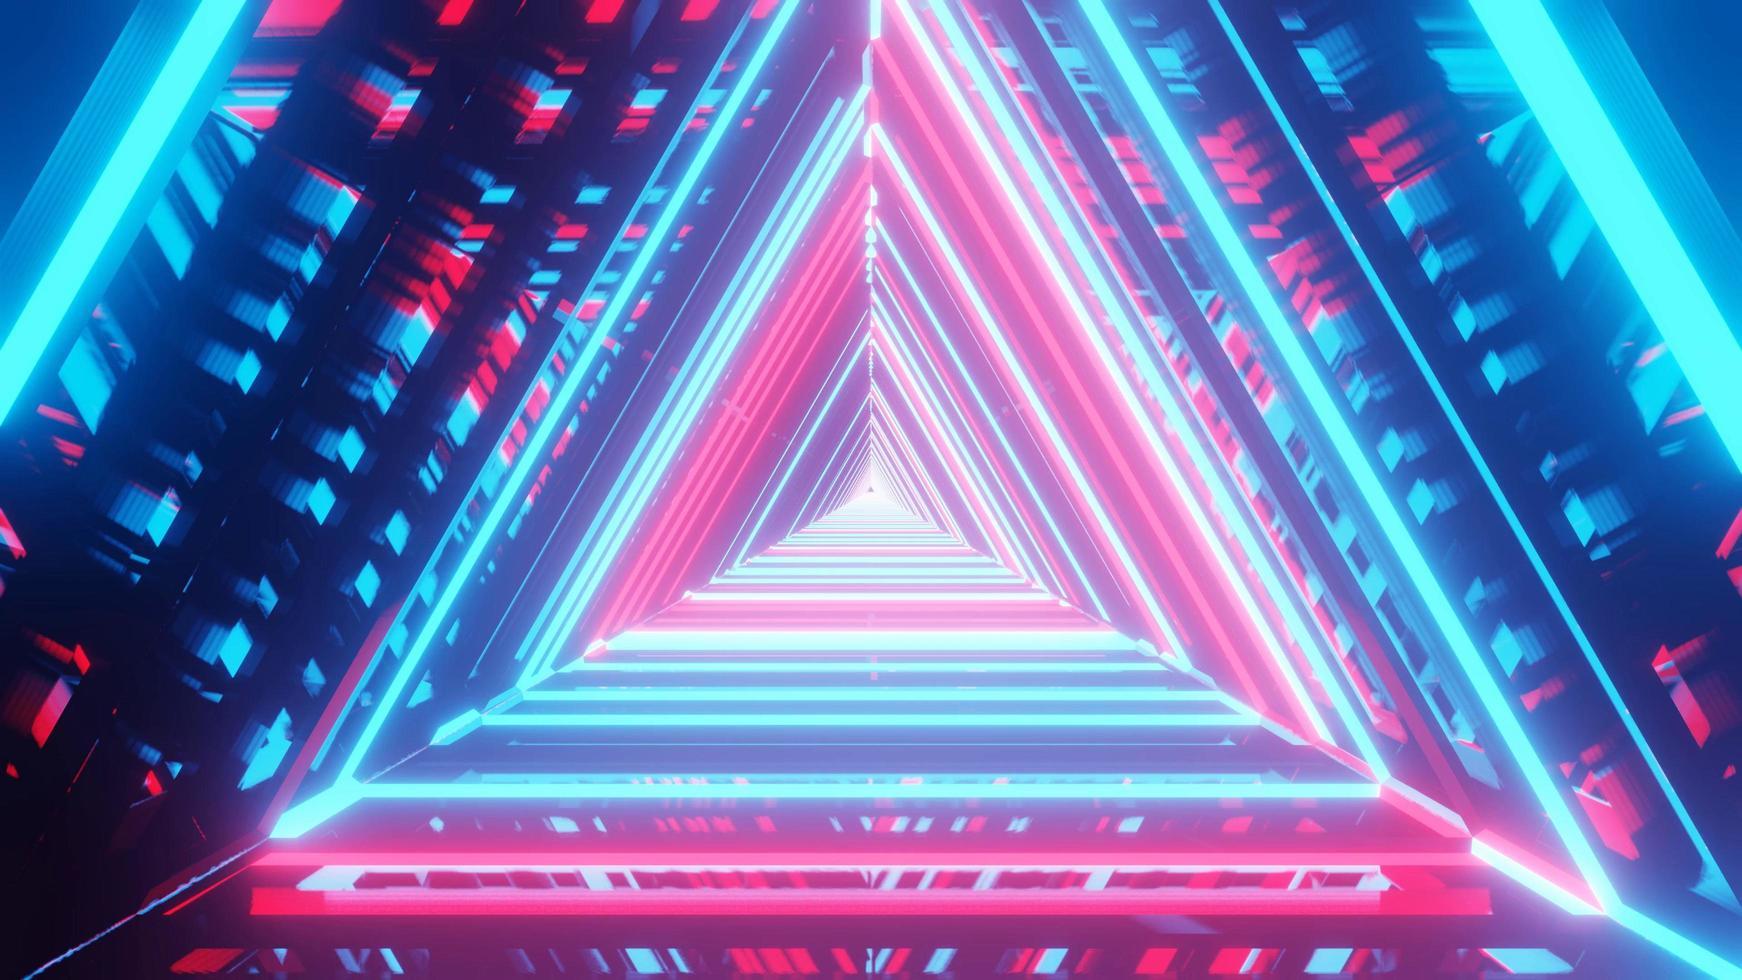 lustro riflettente spettro 3d illustrazione foto